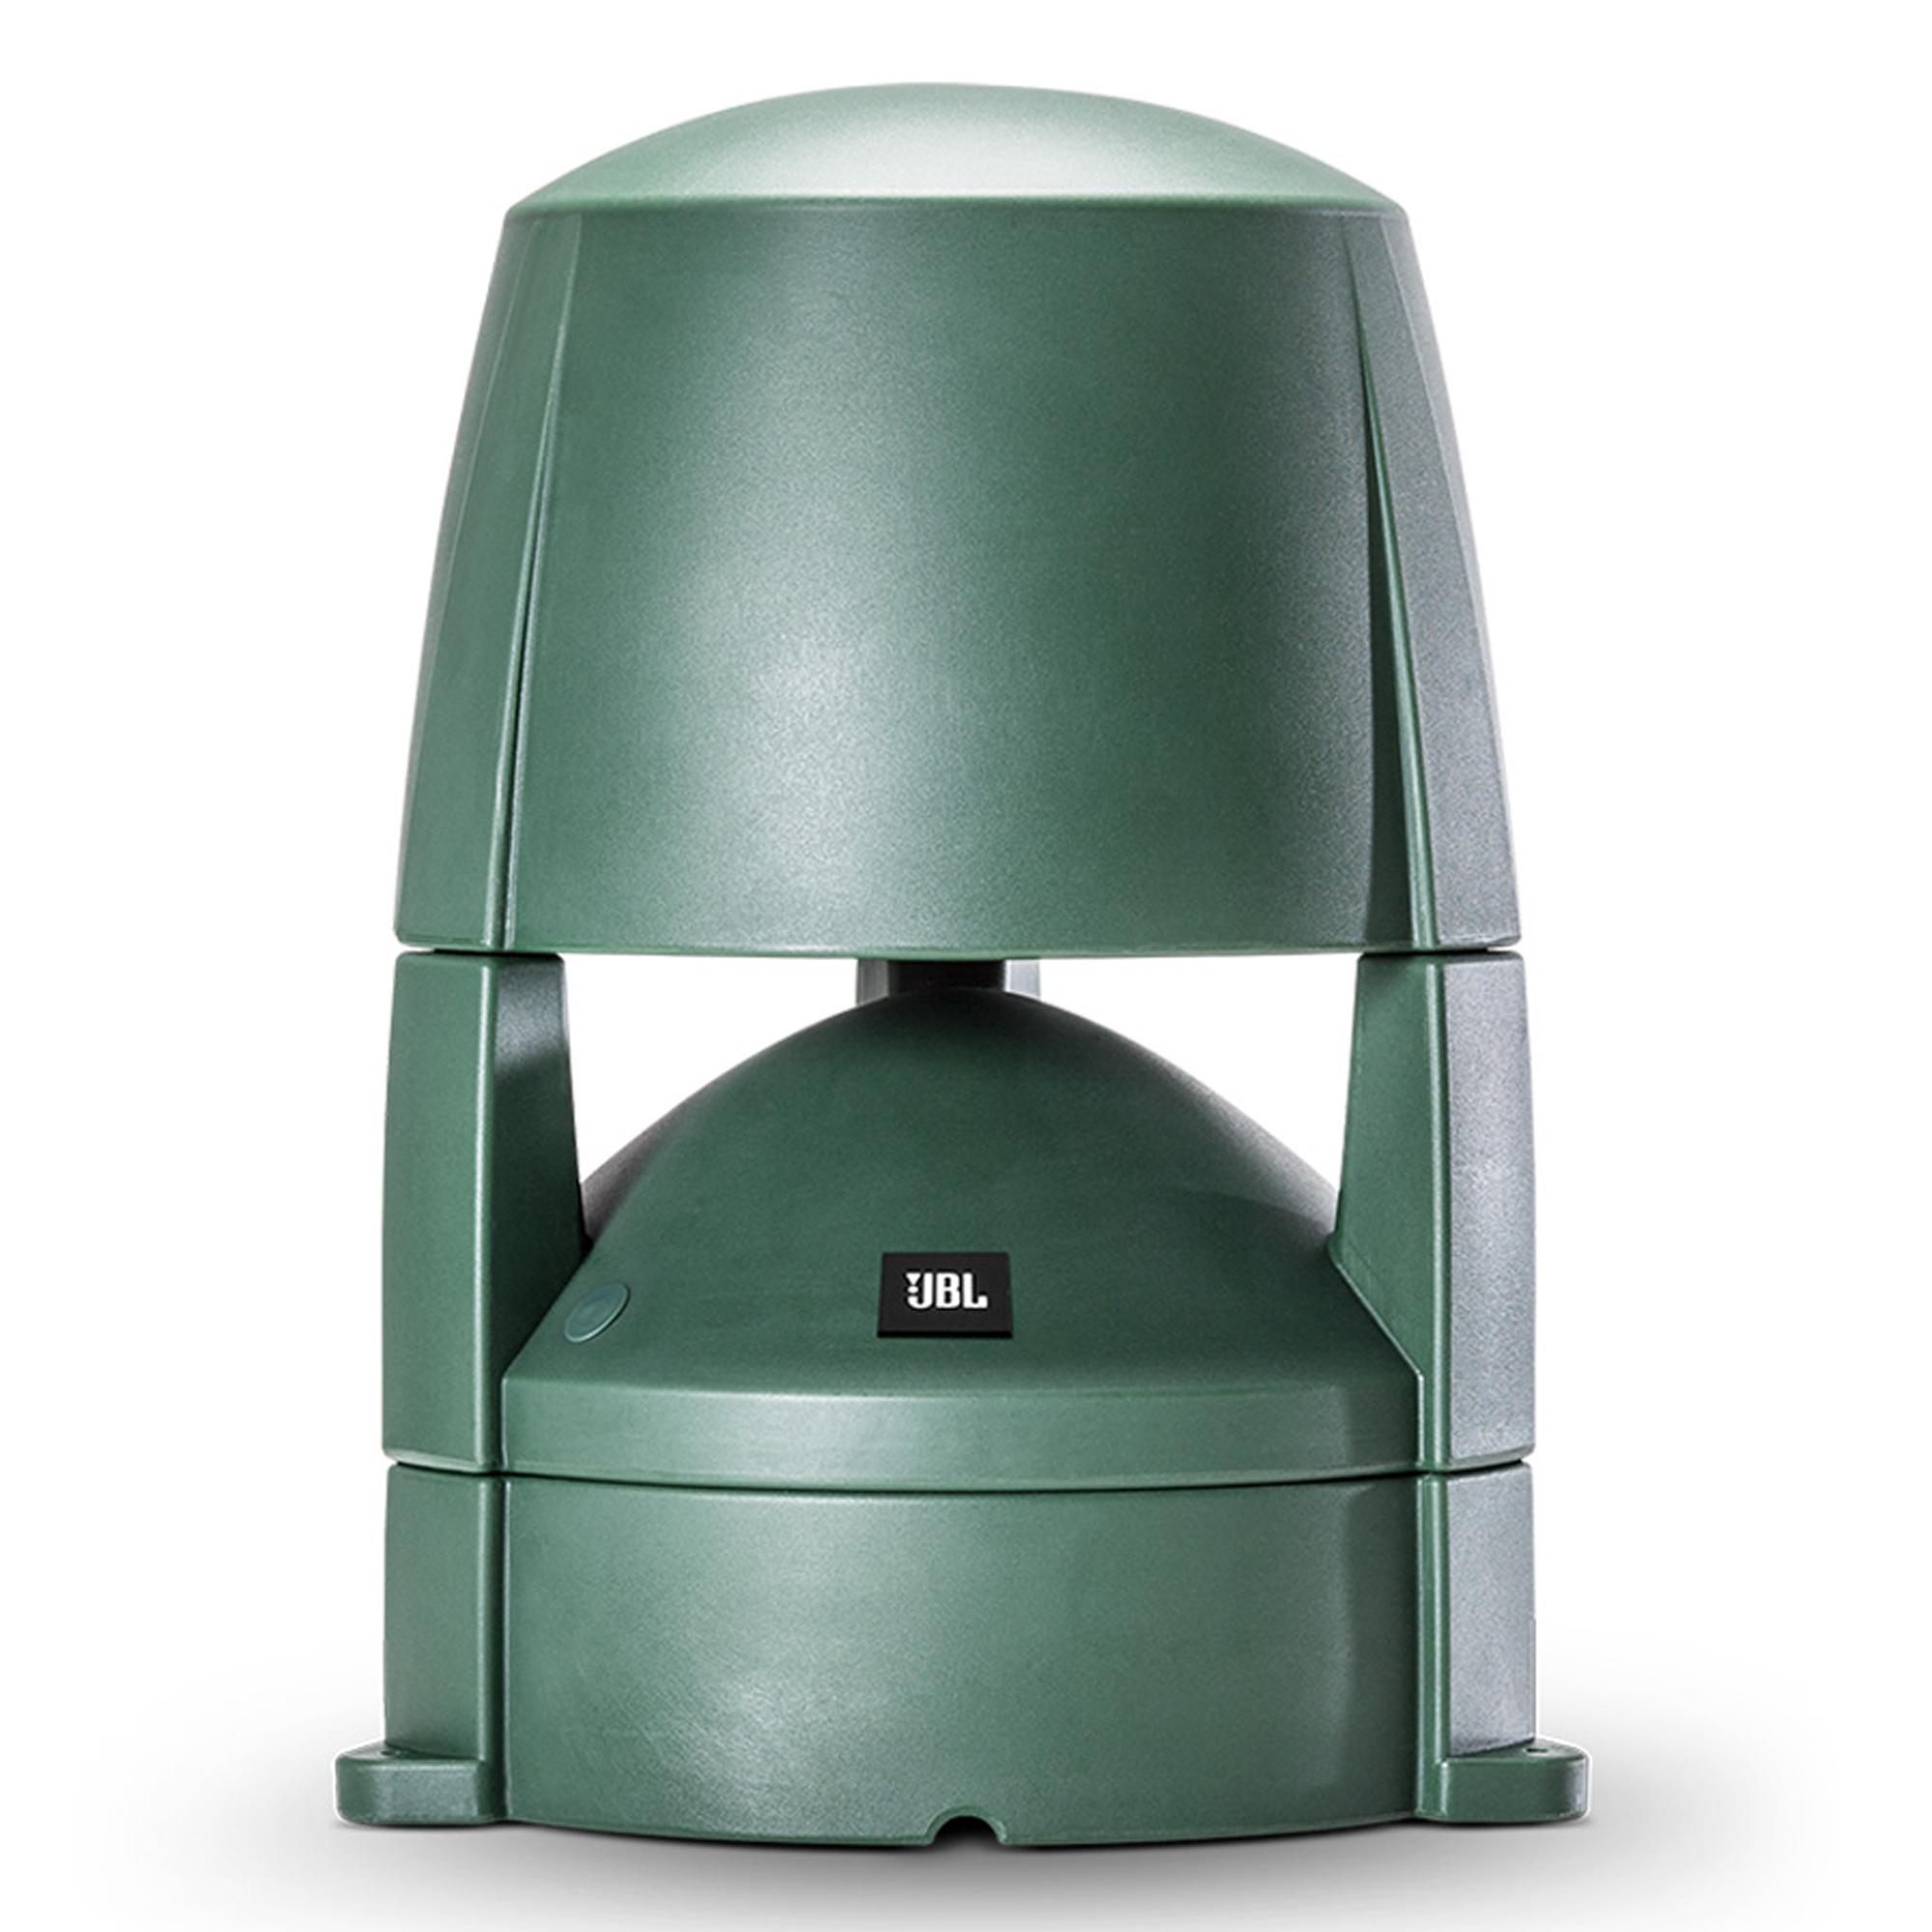 Two-Way 8 inch (200mm) Coaxial Mushroom Landscape Speaker